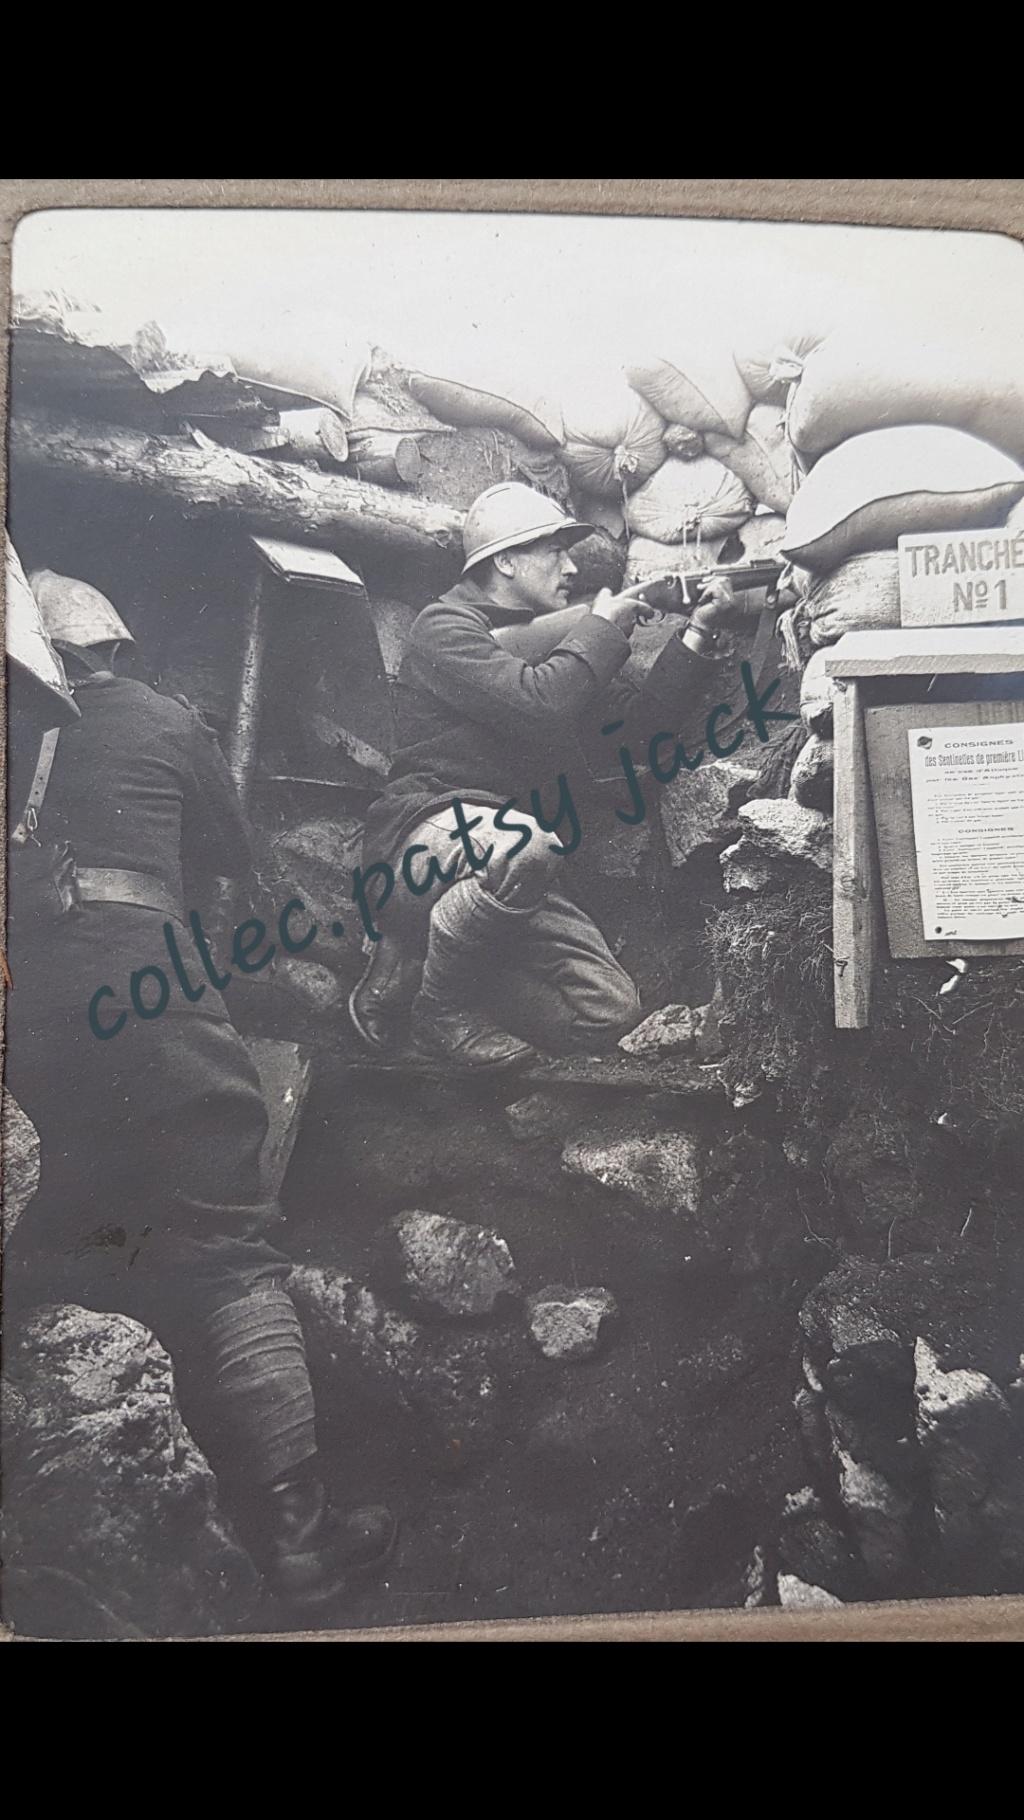 53 BCA au barrenkopf en 1916 20200420